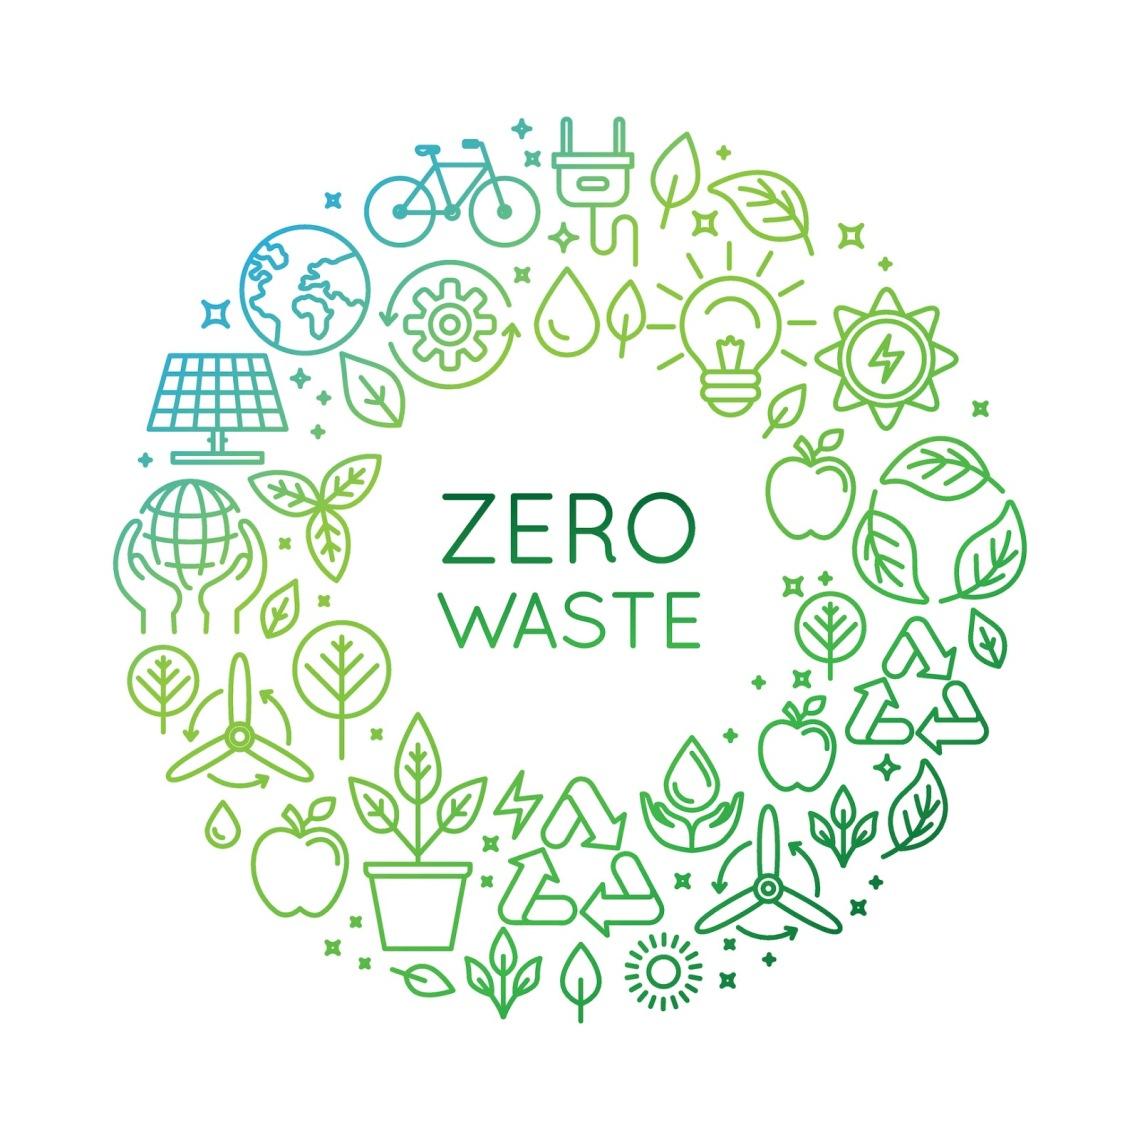 zero-waste-graphic.jpg